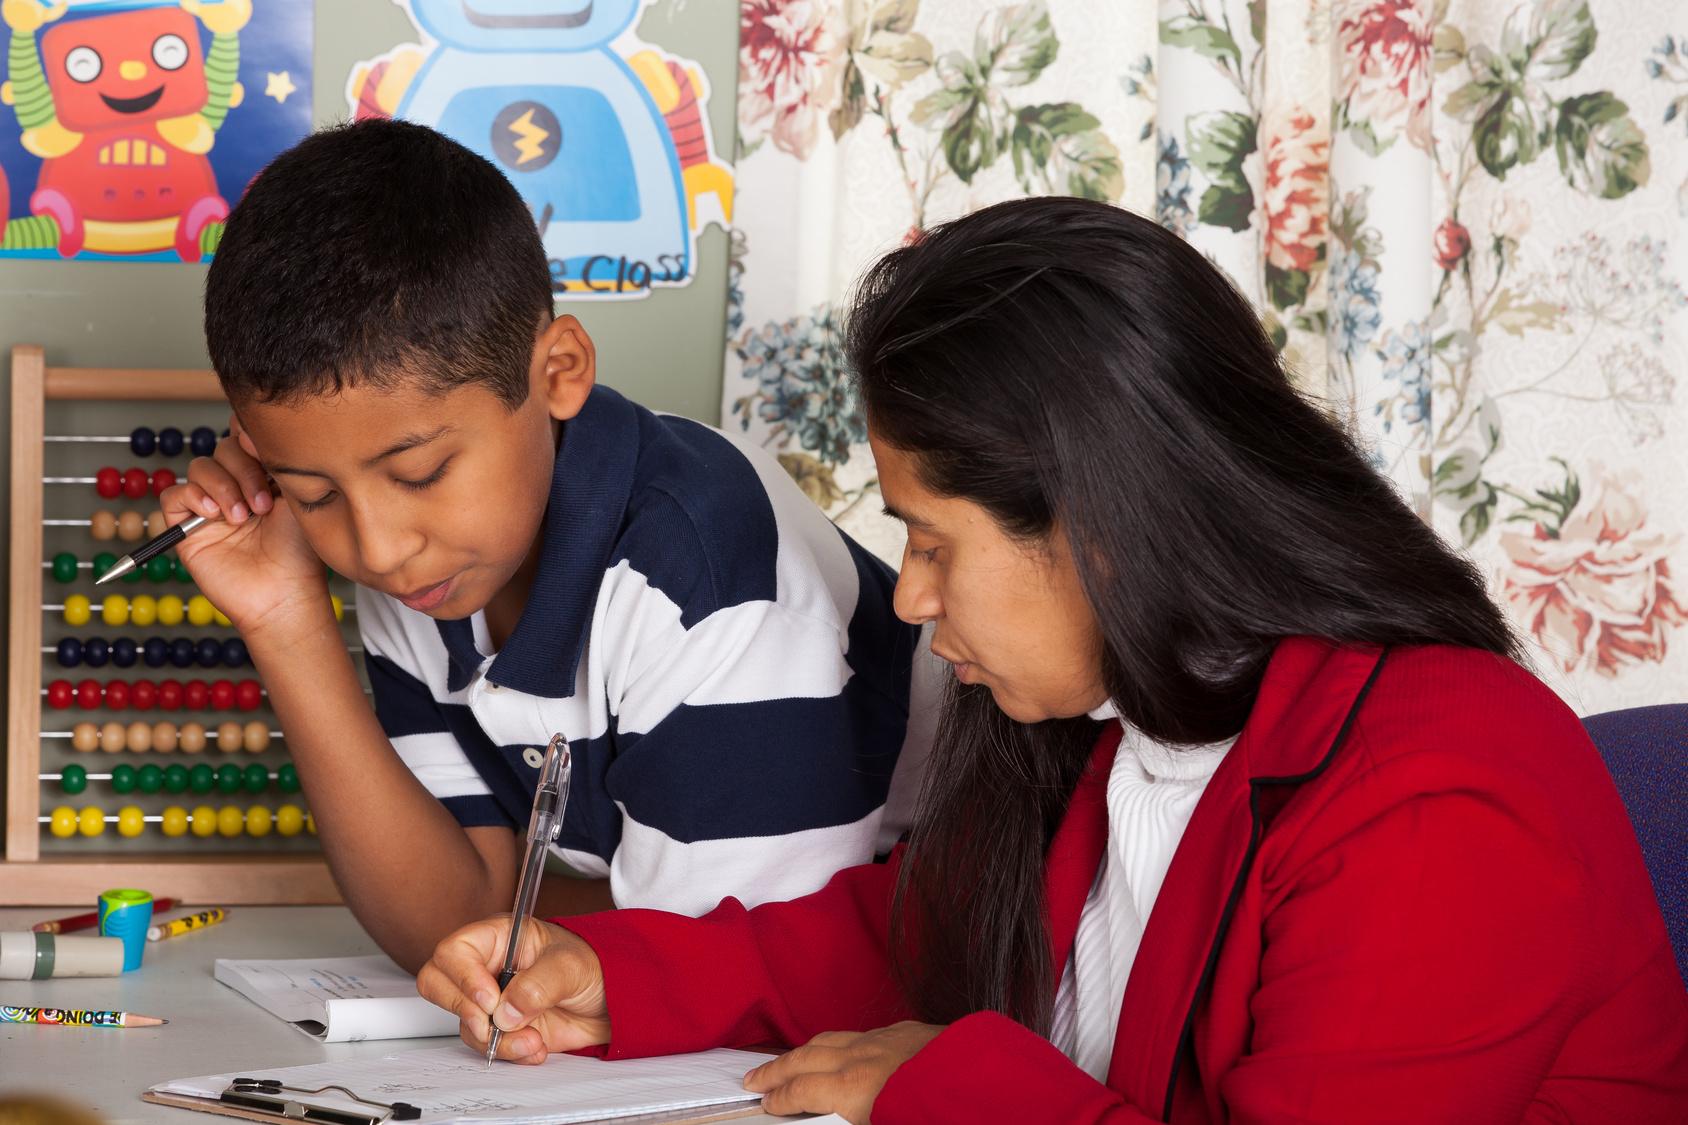 homeschooling versus traditional schooling